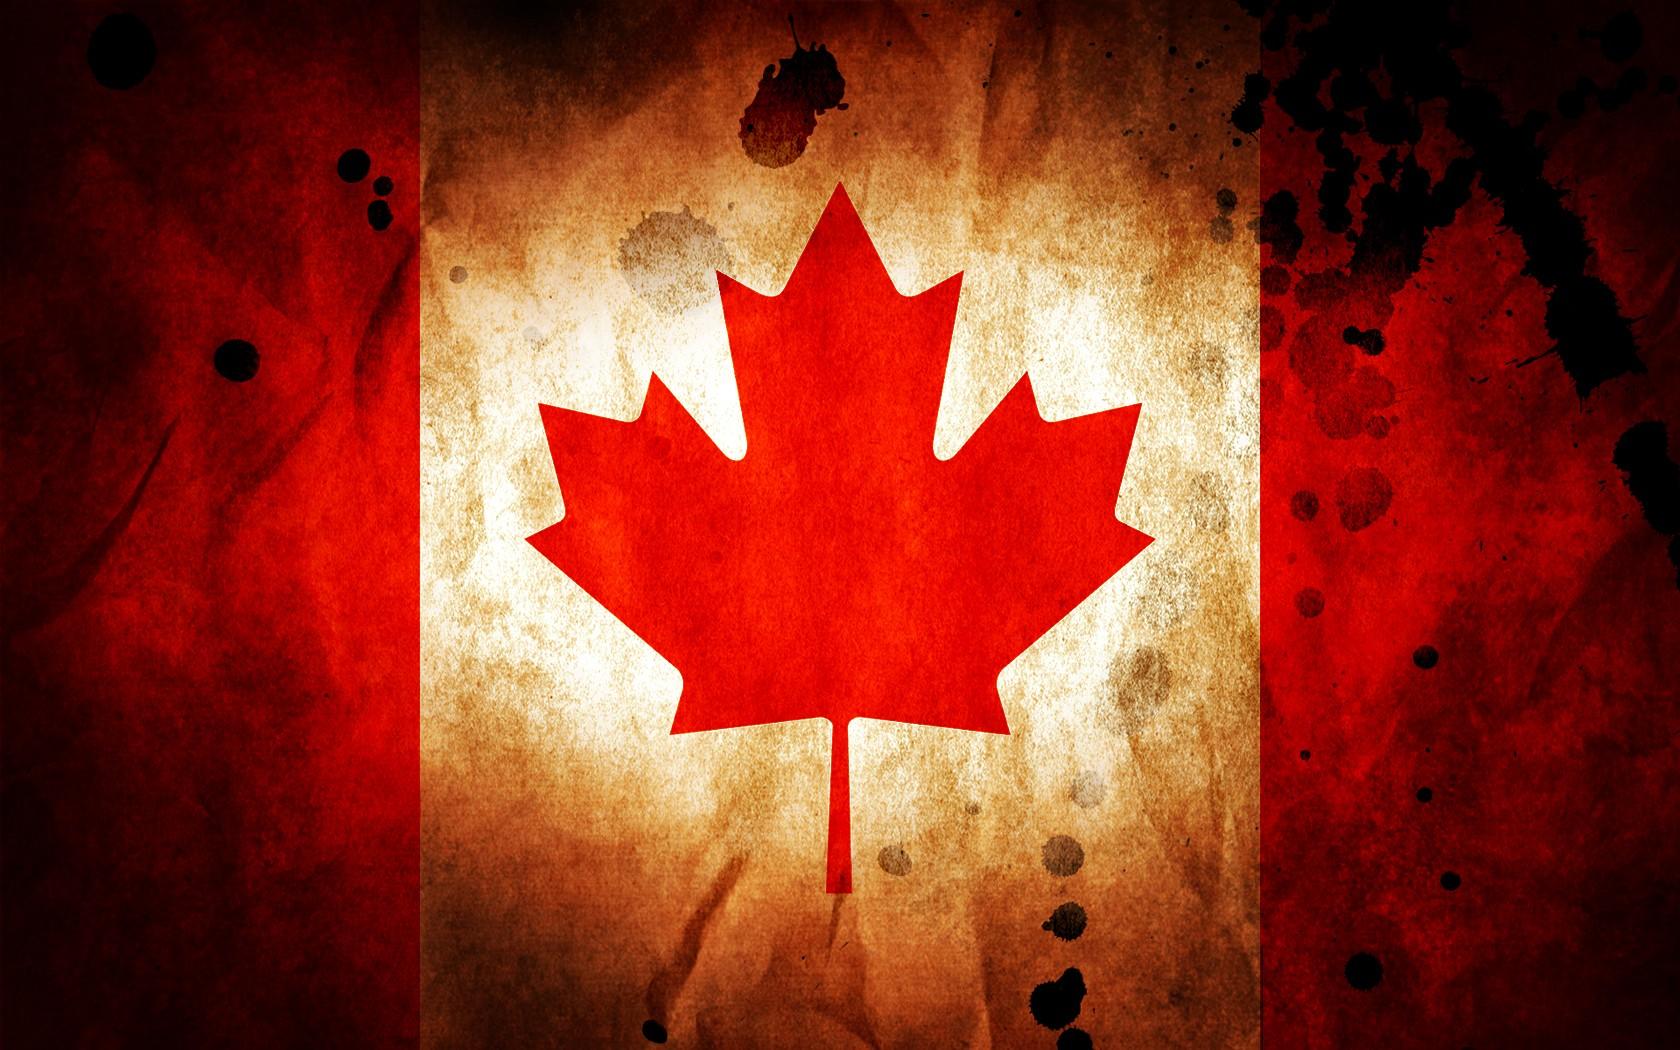 Fondos de pantalla : rojo, simetría, textura, circulo, Canadá ...